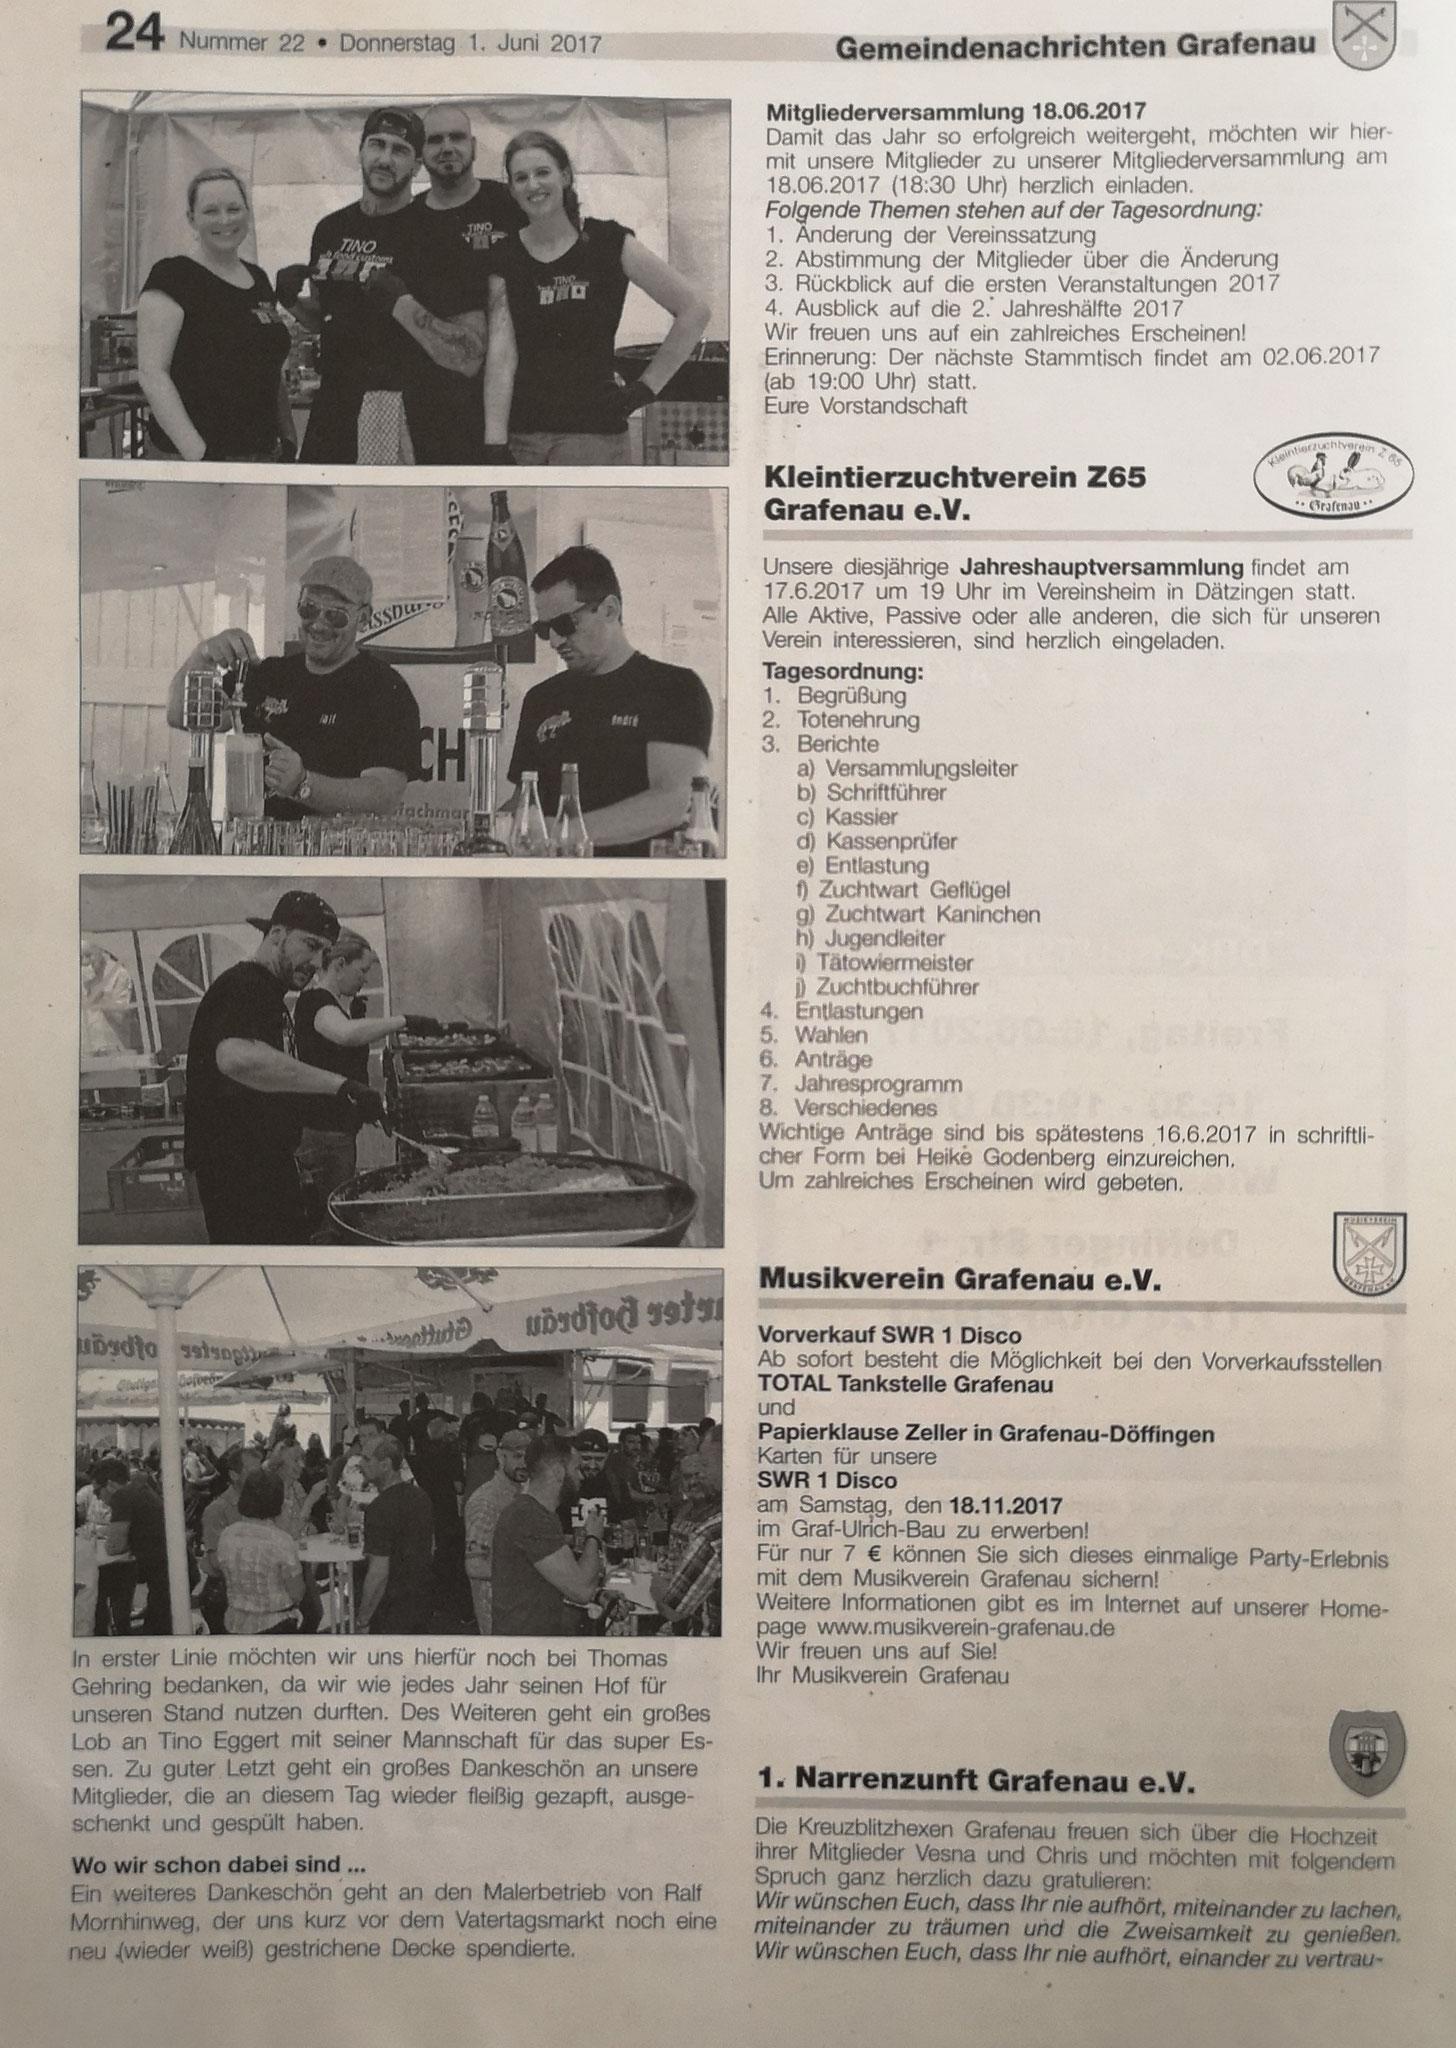 Gemeindeblatt Grafenau Nr. 22 2017